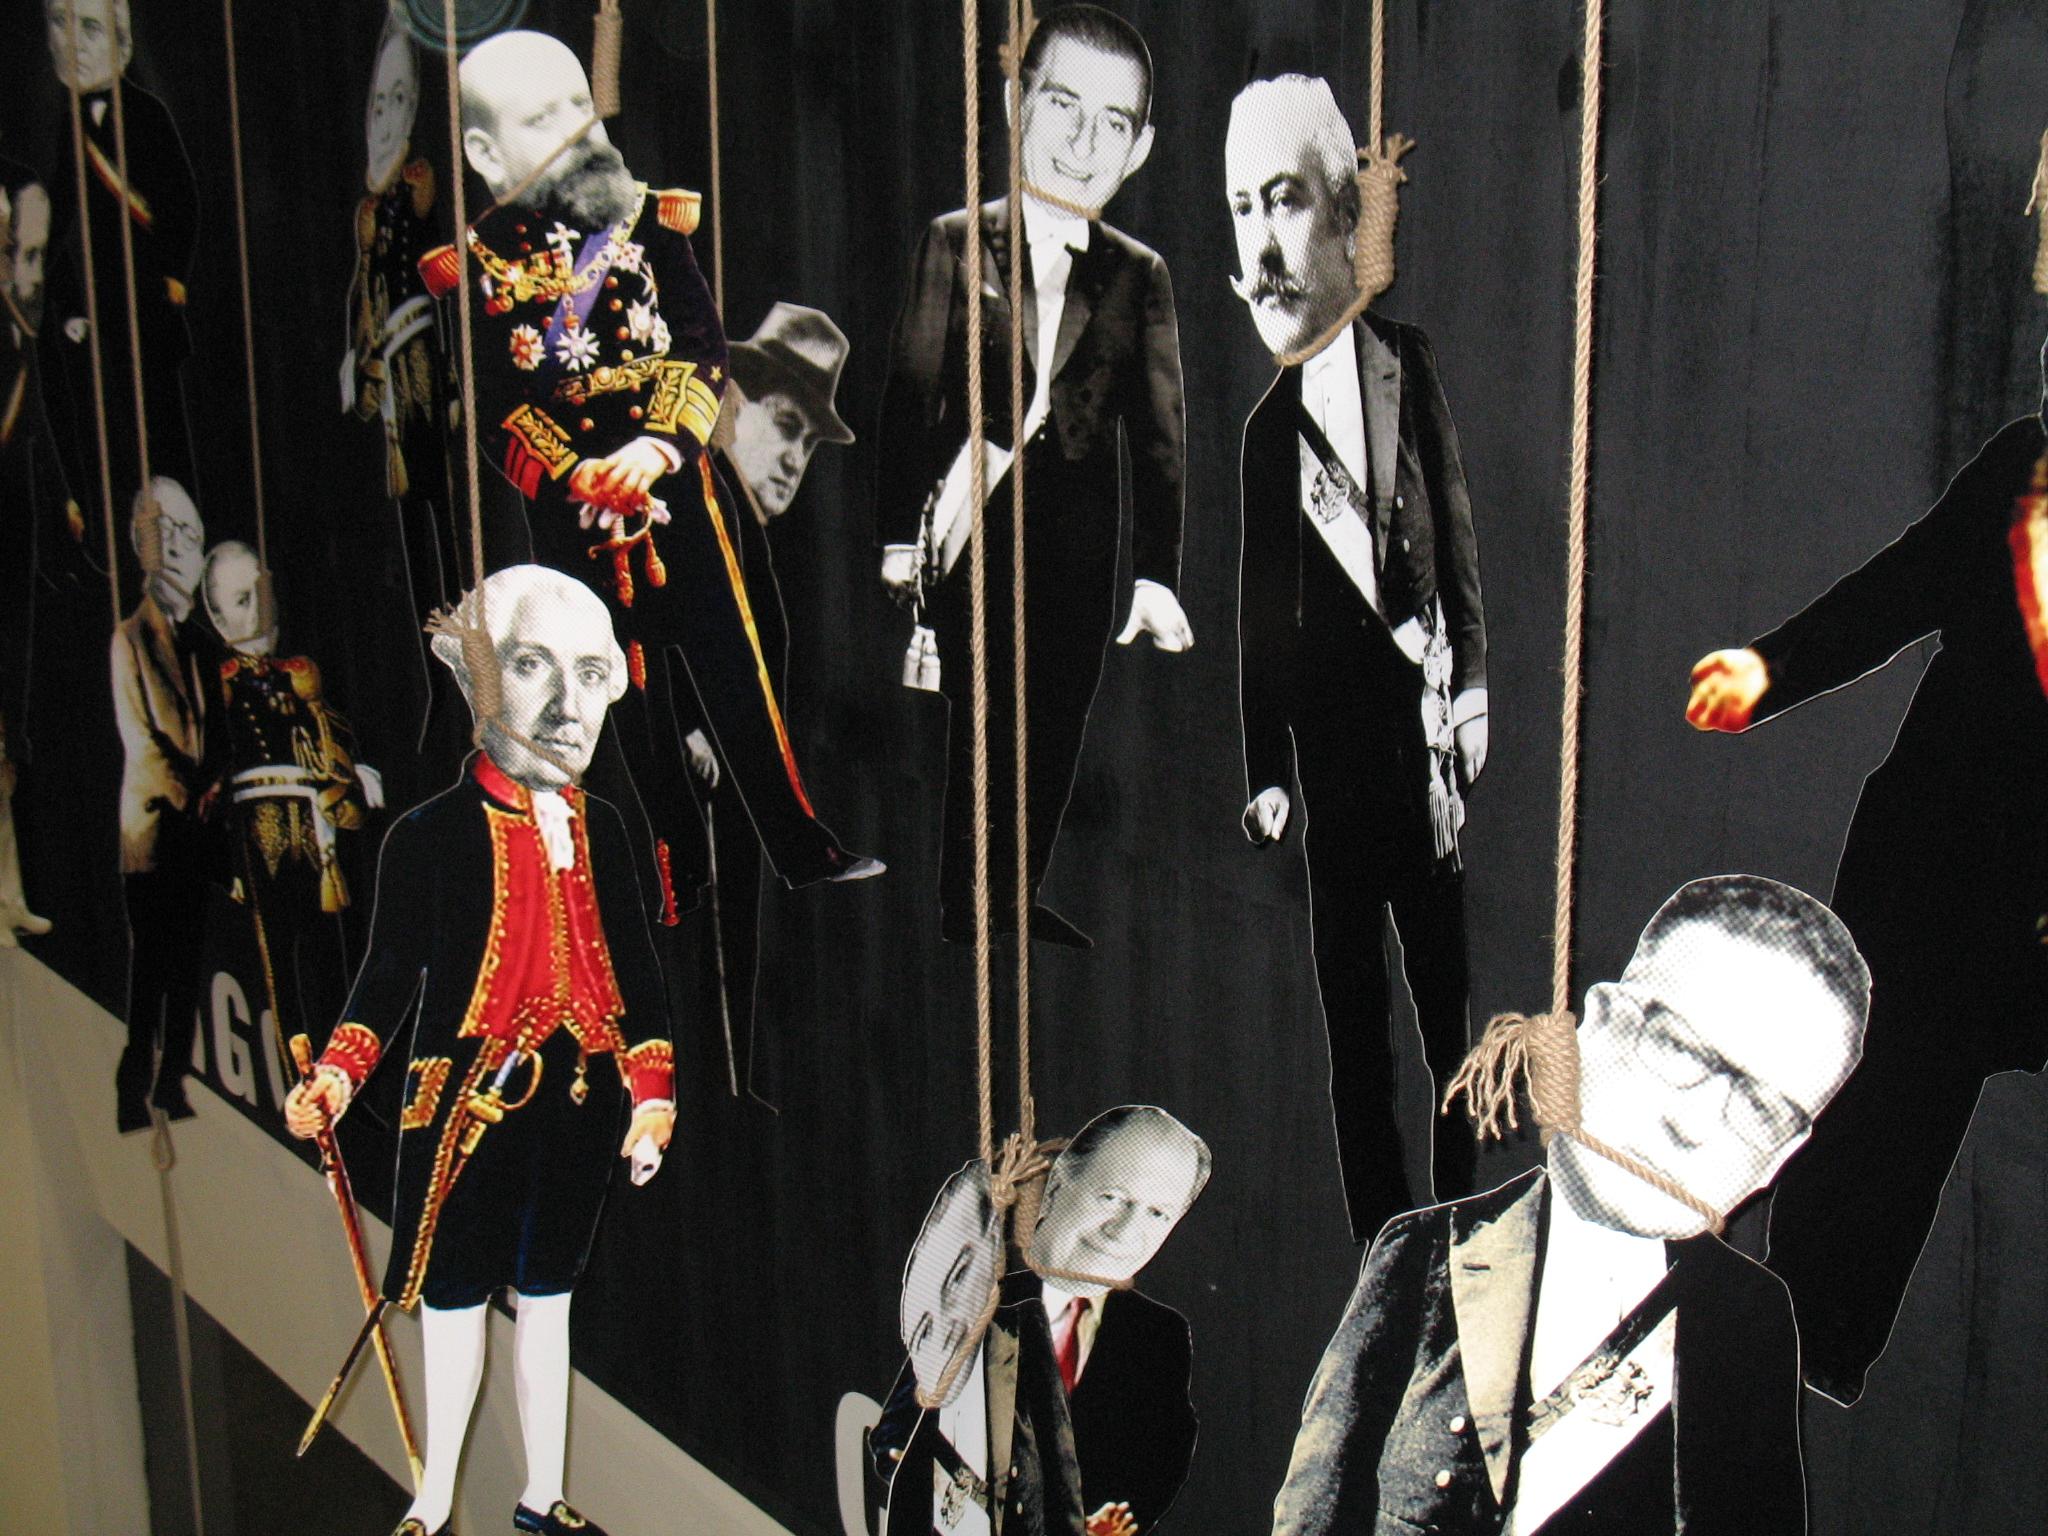 «El pago de Chile», controvertida instalación de su exposición Obras públicas (2006), donde exhibía a los presidentes de Chile colgados con una soga al cuello.